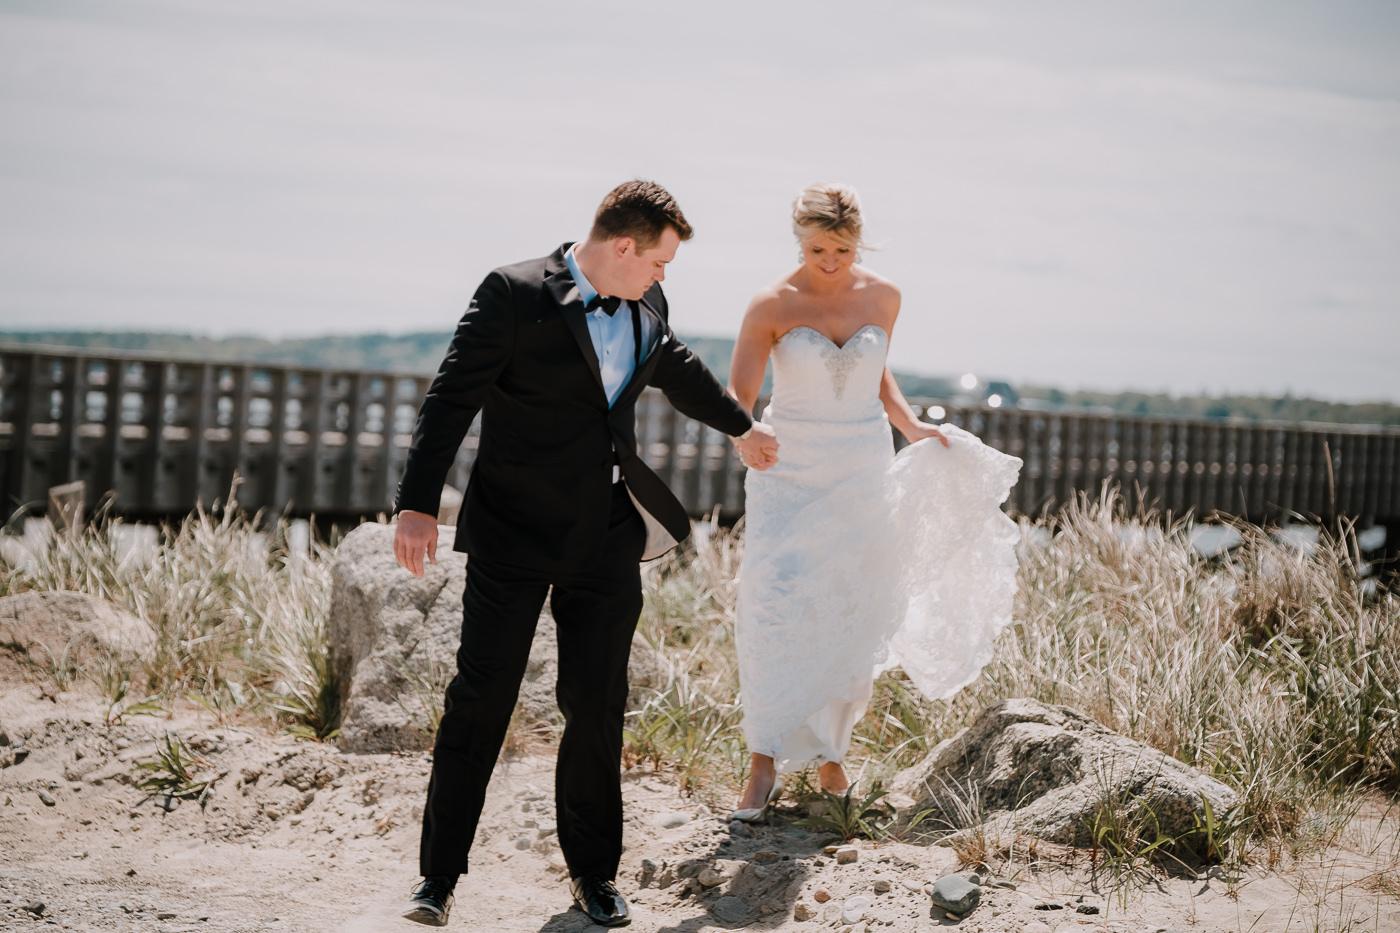 aly+jonny.web.newengland.wedding.©2017mileswittboyer-37.jpg